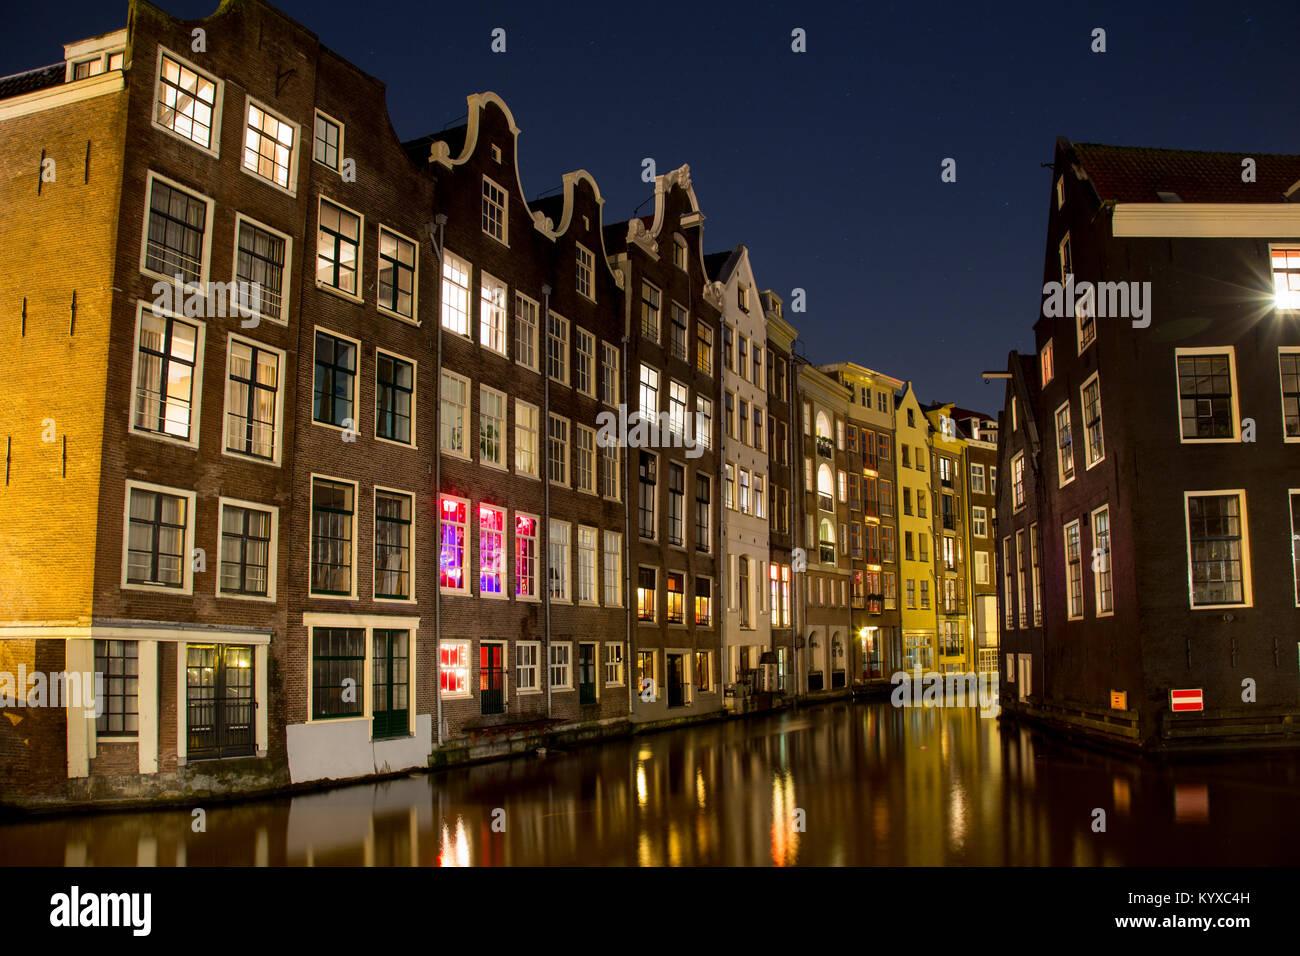 Licht Tour Amsterdam : Amsterdam canal und häuser in der nacht mit licht reflexion im